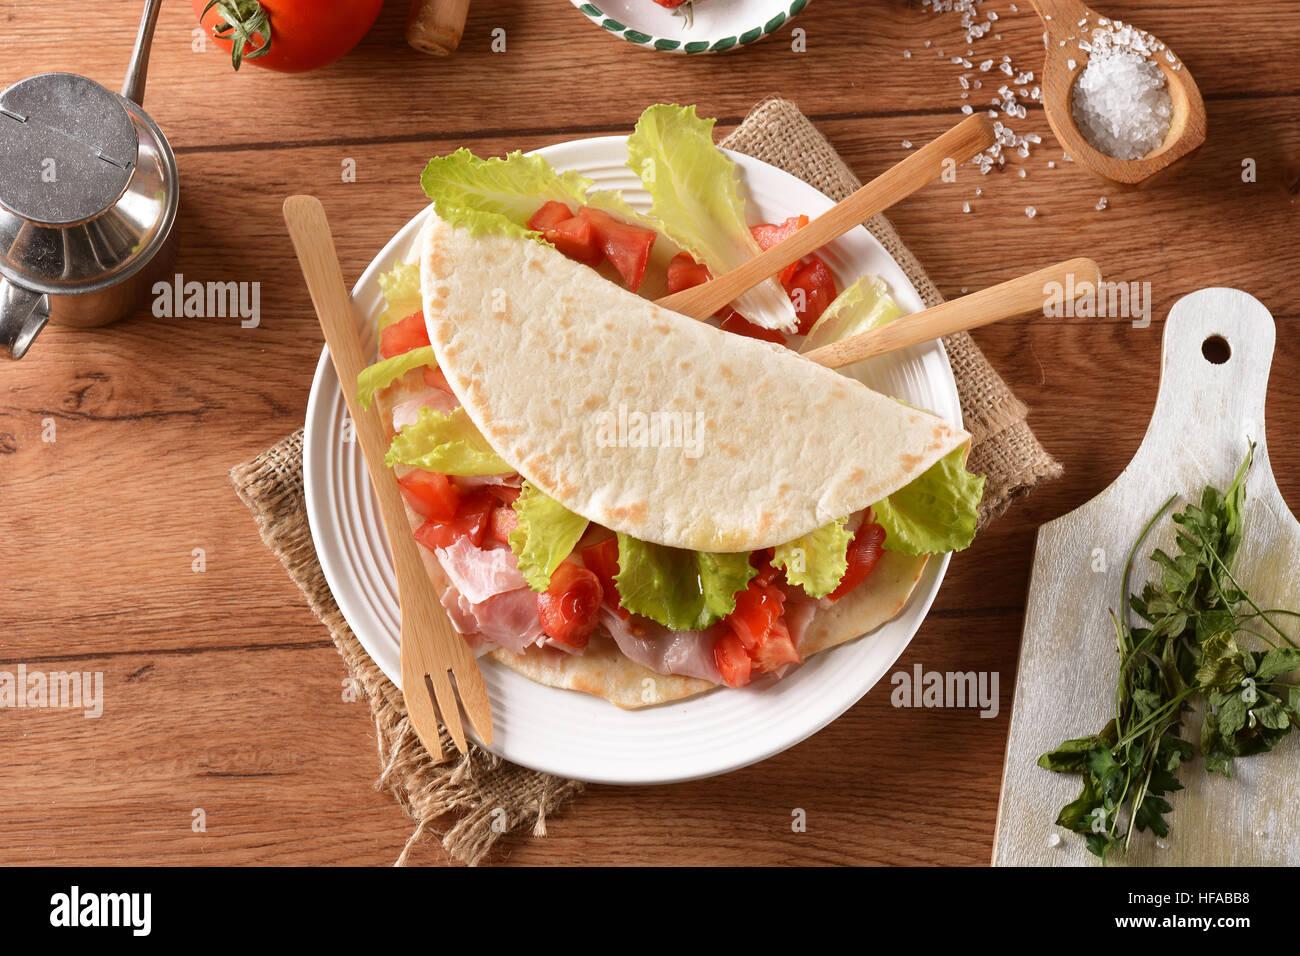 Piadina avec jambon, tomate et légumes - recette traditionnelle Italienne Photo Stock